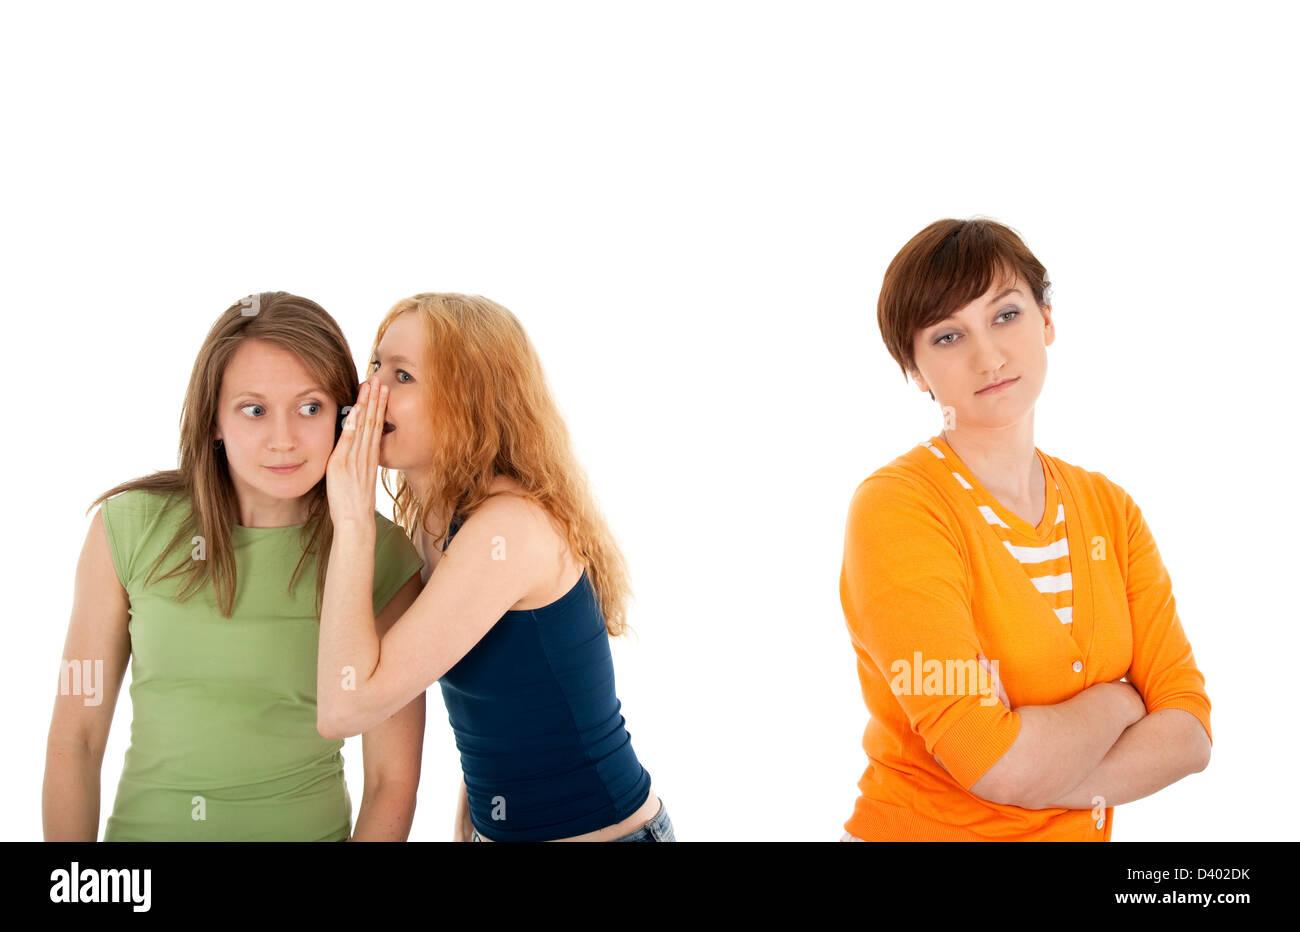 Deux filles whispering secrets à l'autre, et leur ami, vexé et rejeté Photo Stock